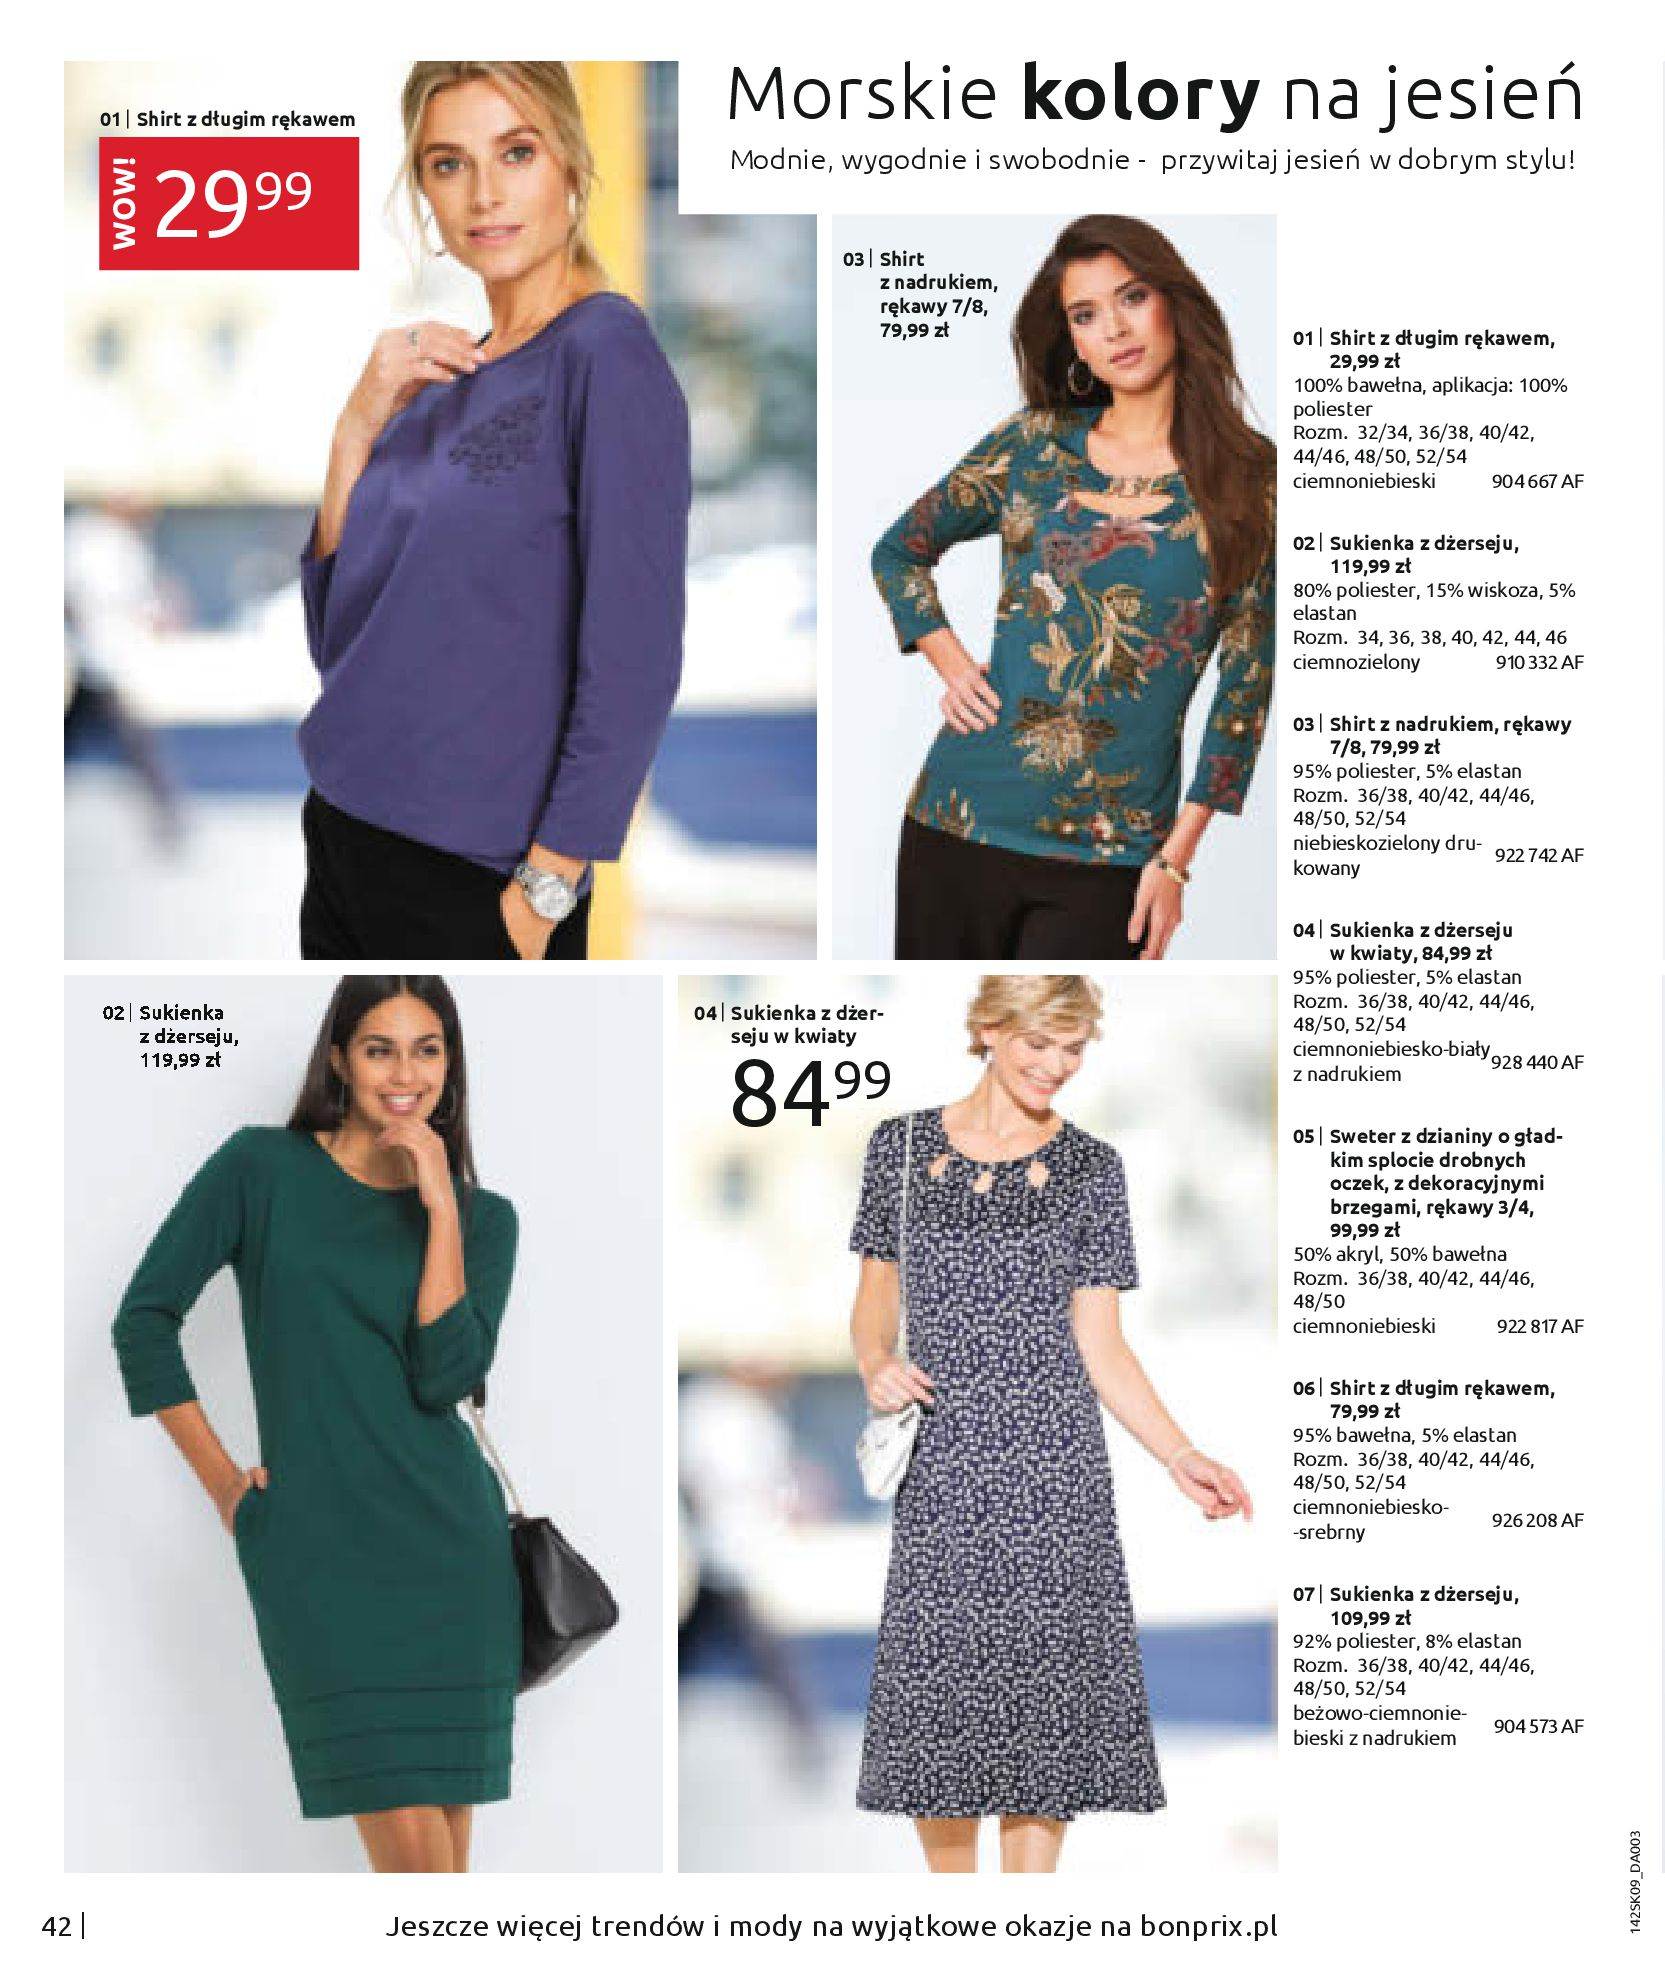 Gazetka Bonprix - Jesienny look-31.08.2020-28.02.2021-page-44